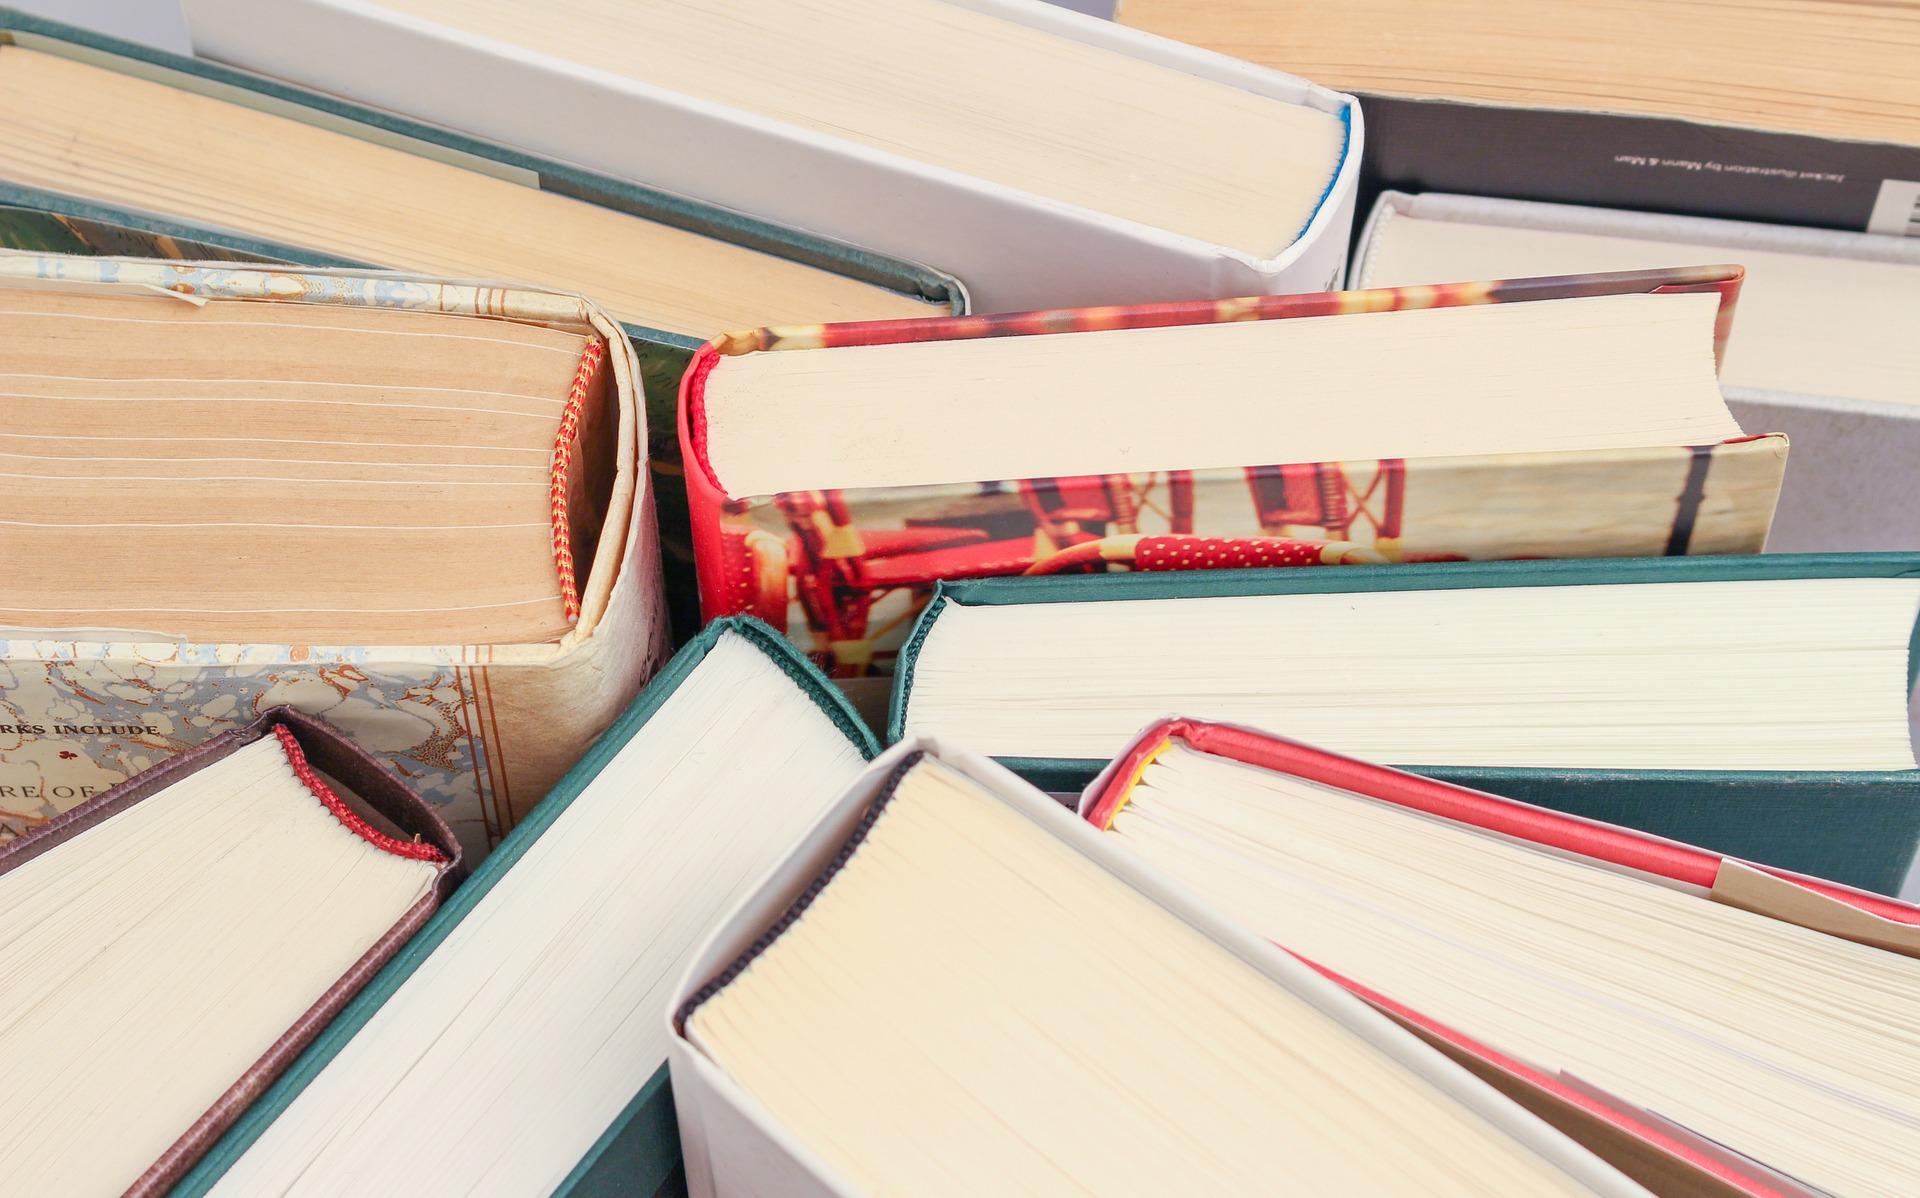 10 libri che hanno migliorato la mia vita e che possono cominciare a cambiare la tua da subito